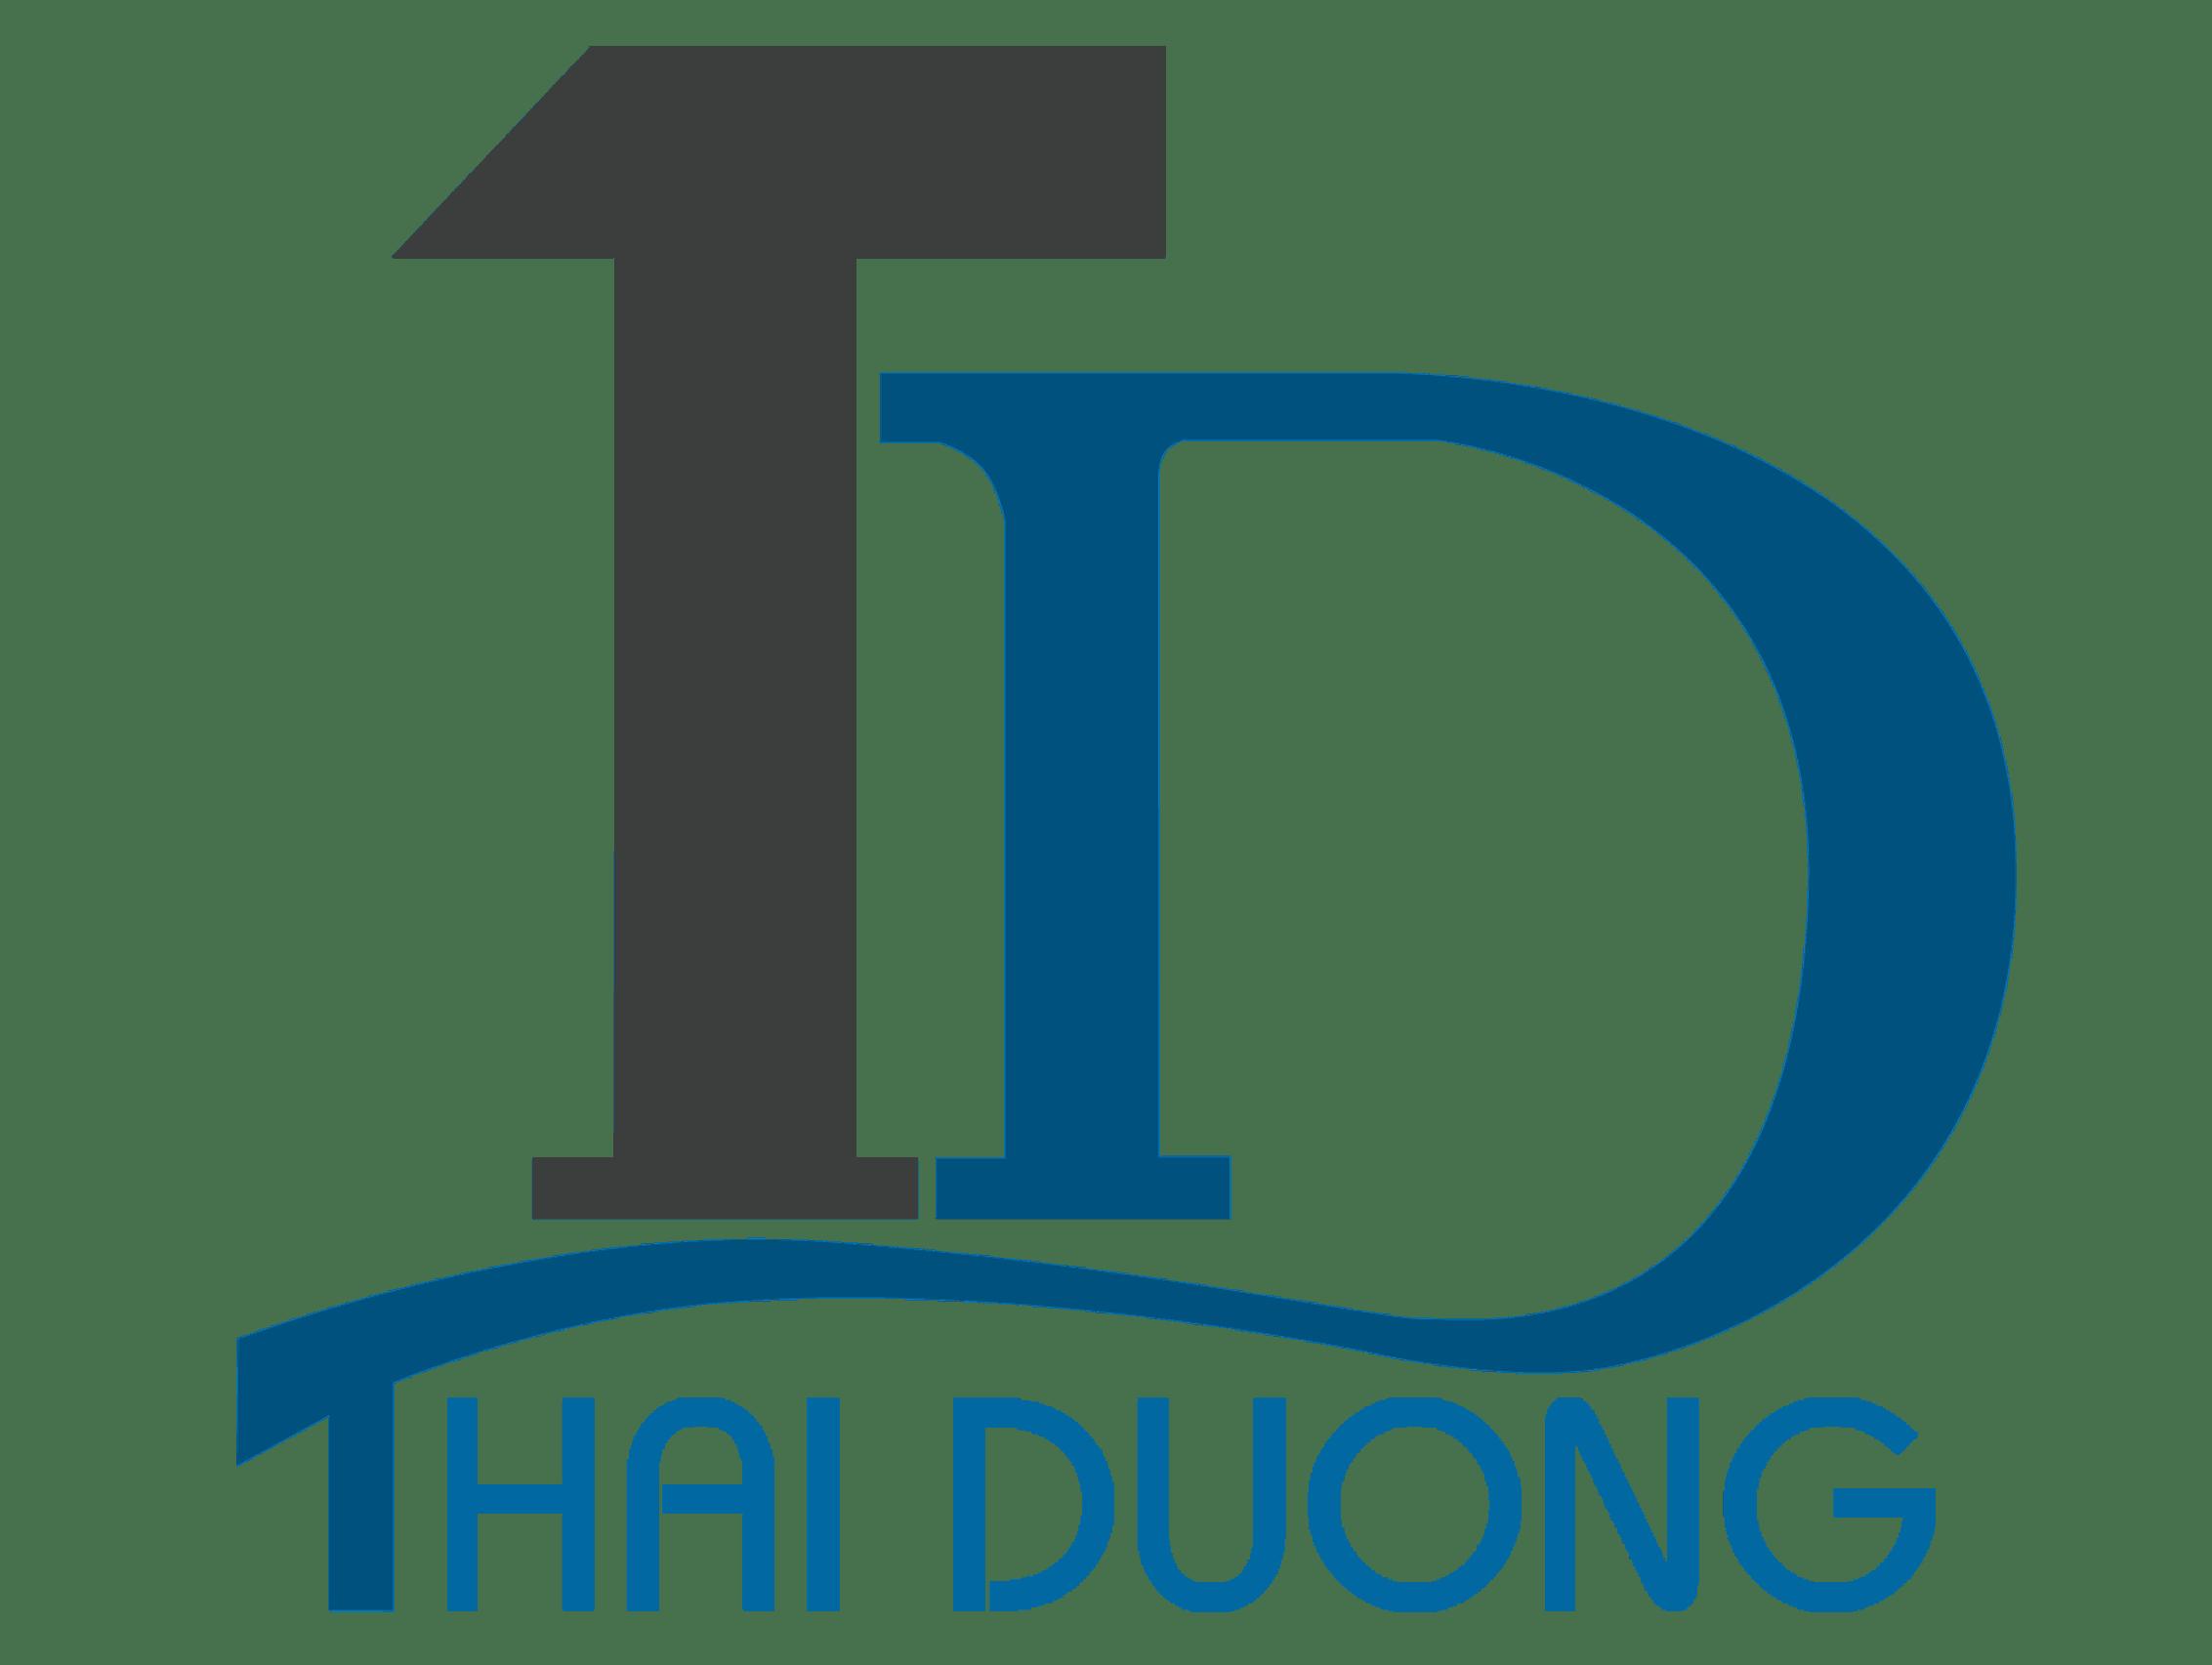 Cừ Tràm Thái Dương